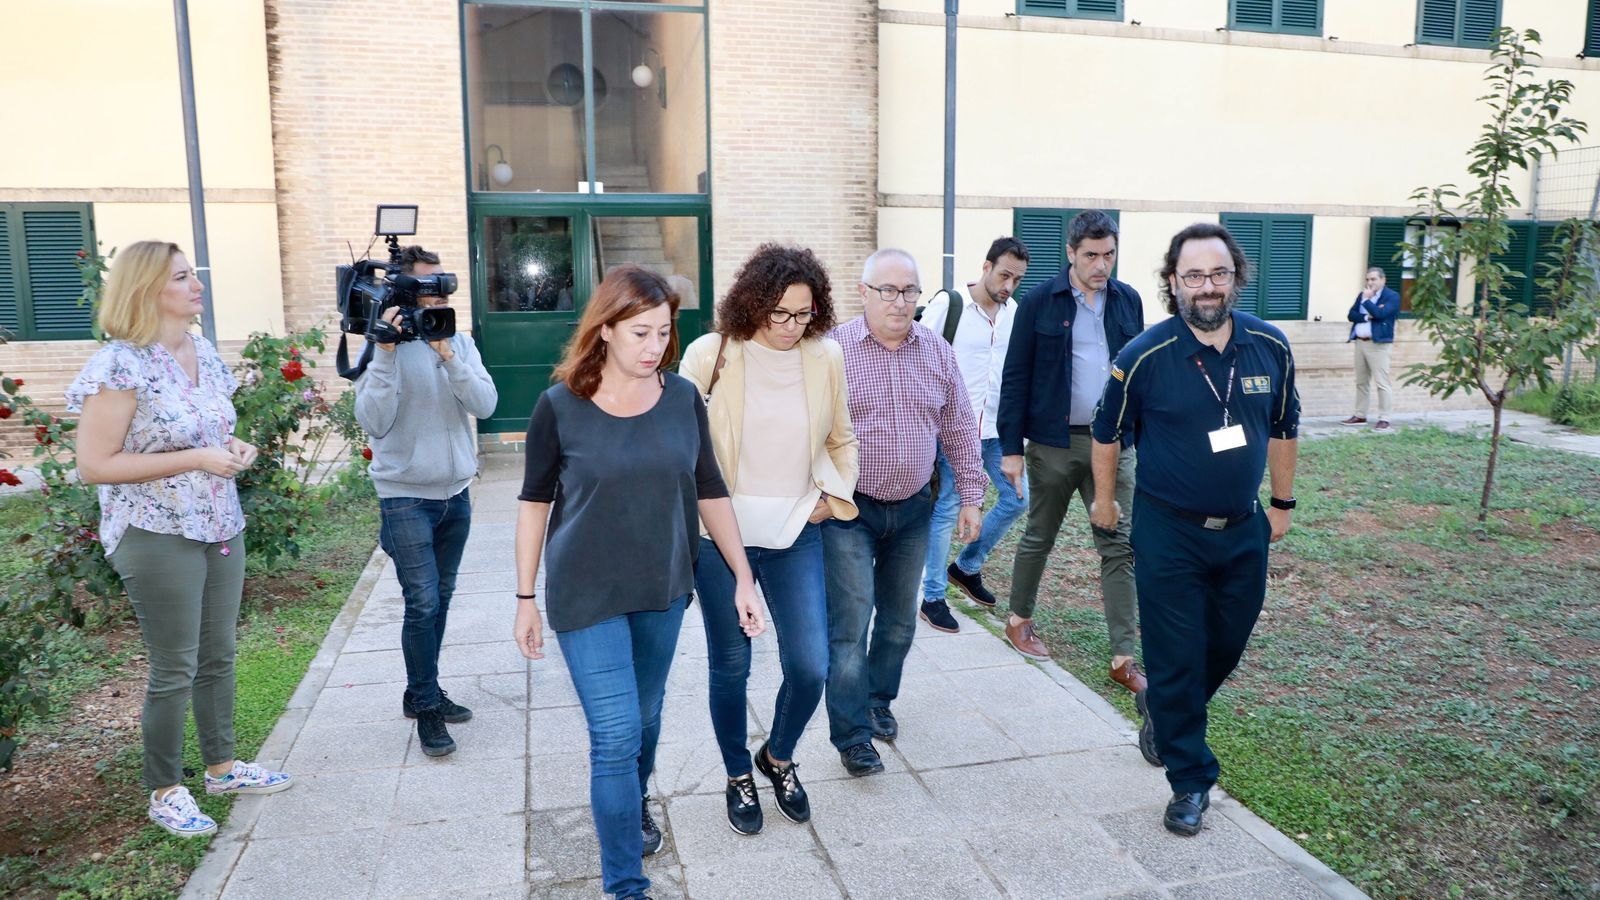 Francina Armengol, Catalina Cladera i el director general d'Emergències, Llorenç Perelló, en una reunió a les dependències de l'112 celebrada dimarts passat.